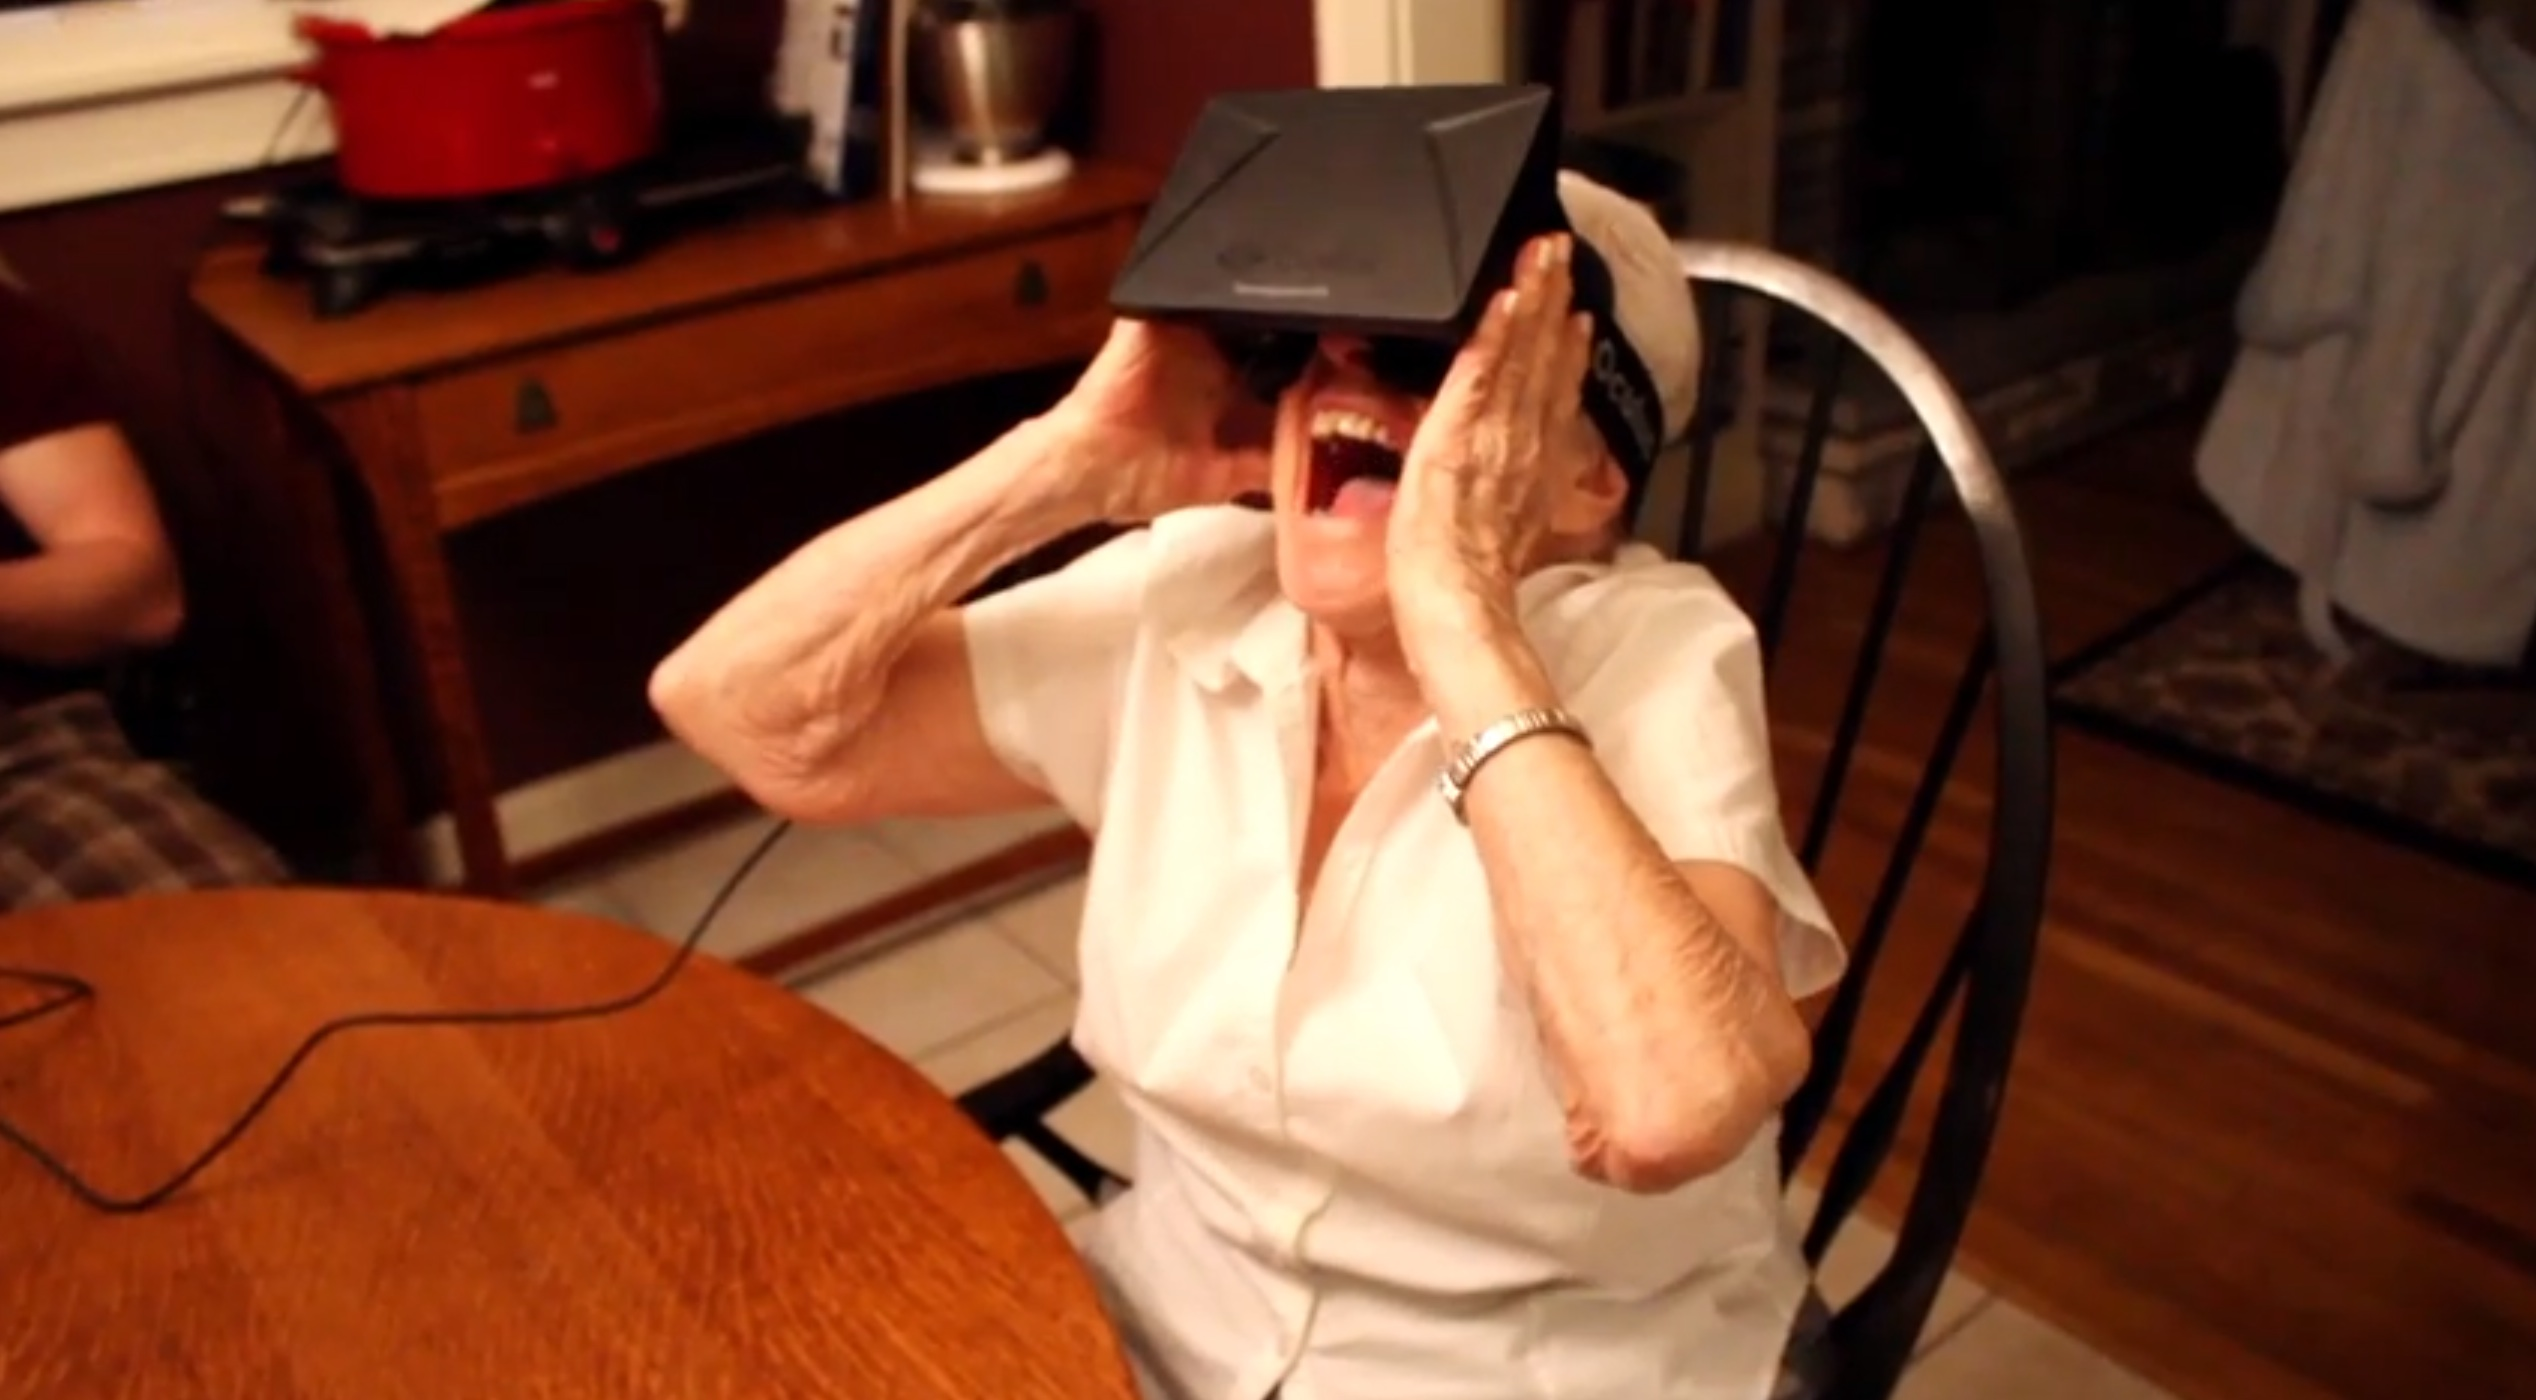 oculusgrandma